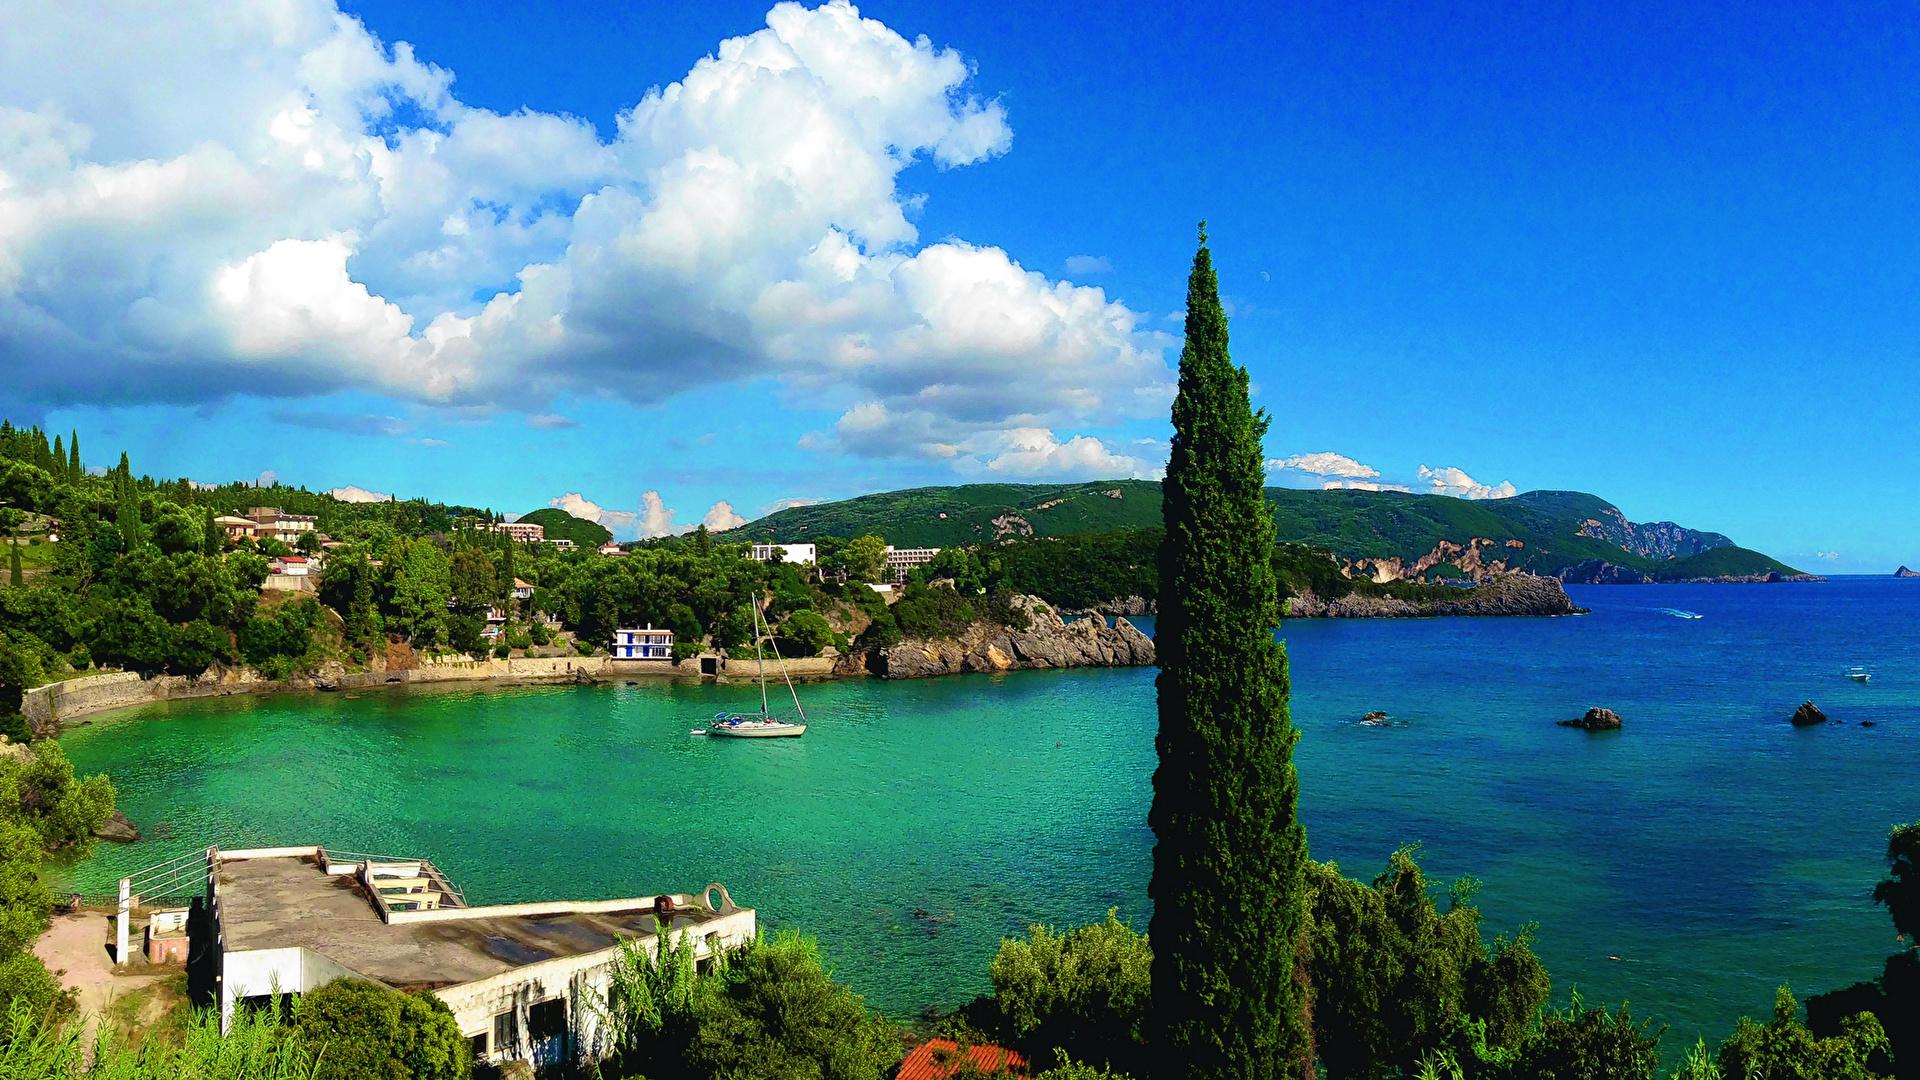 Sfondi Del Desktop Grecia Corfu Mare Natura Paesaggio La 1920x1080